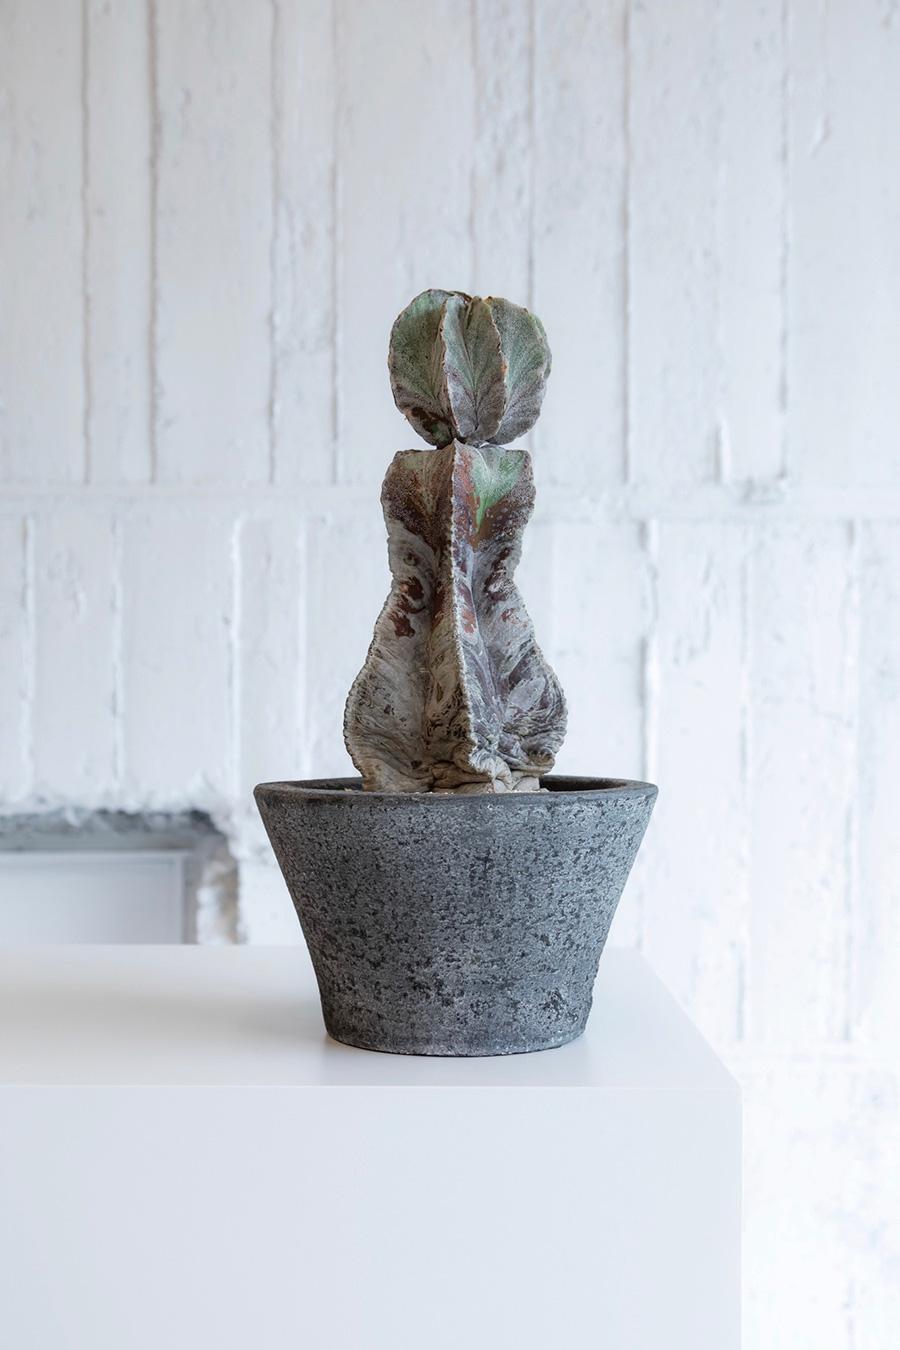 鸞鳳玉 (らんぽうぎょく)  ¥50,000 石積みアートを思わせるユニークなシルエット。よく見ると上部の個体の活着面はほんのわずか。自然が生んだ絶妙なバランスに惹かれる。